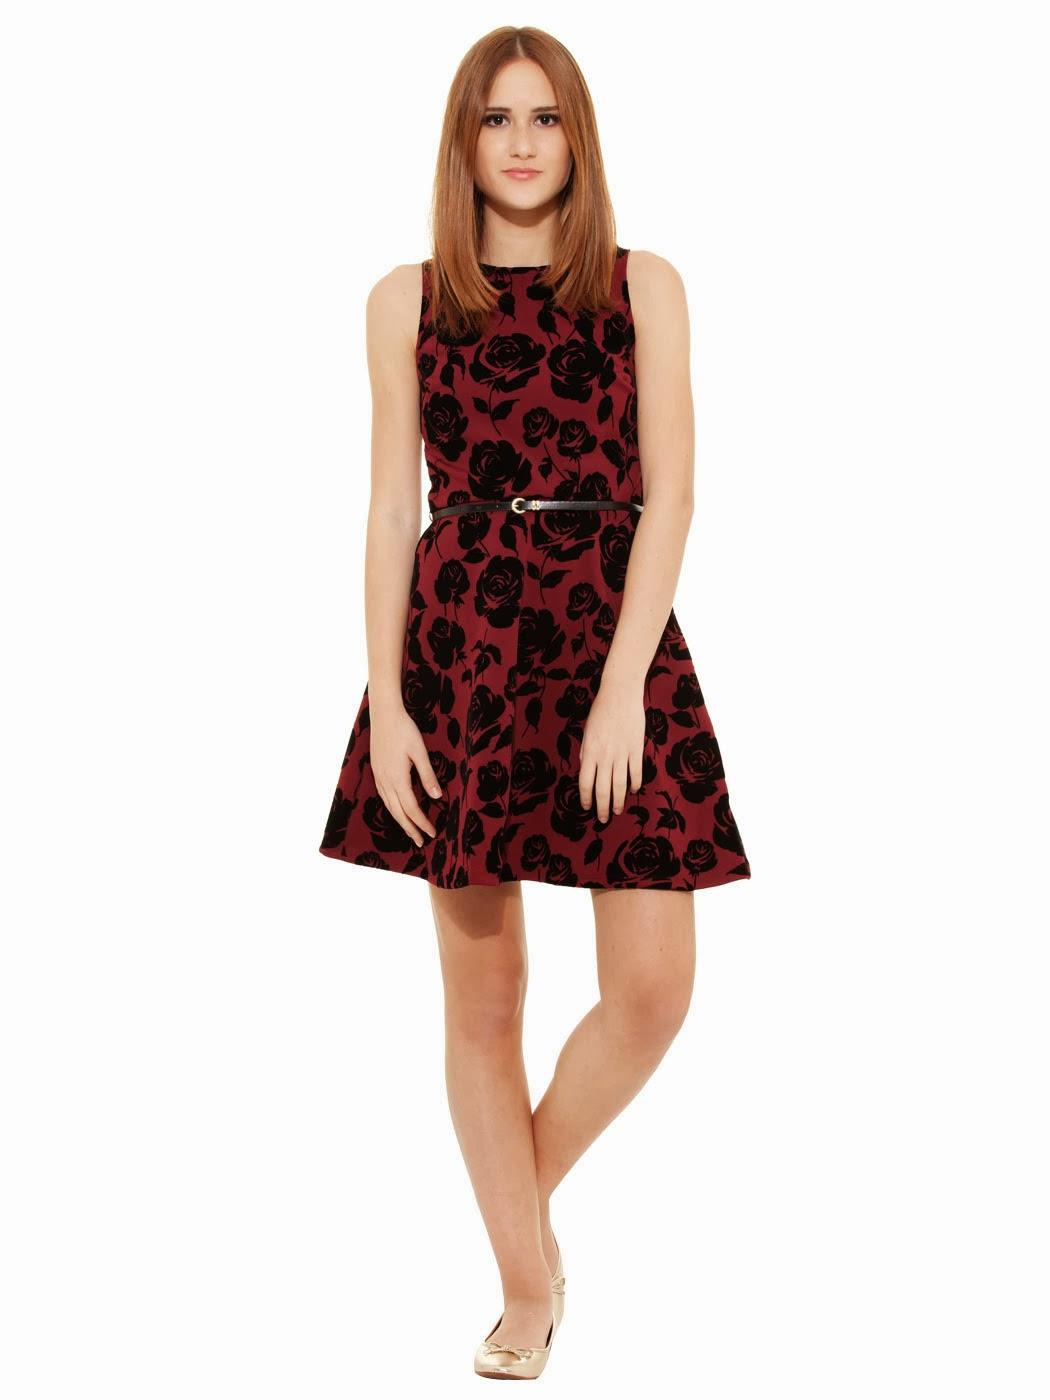 kemerli elbise, ofis elbisesi, kısa elbise, çiçekli elbise